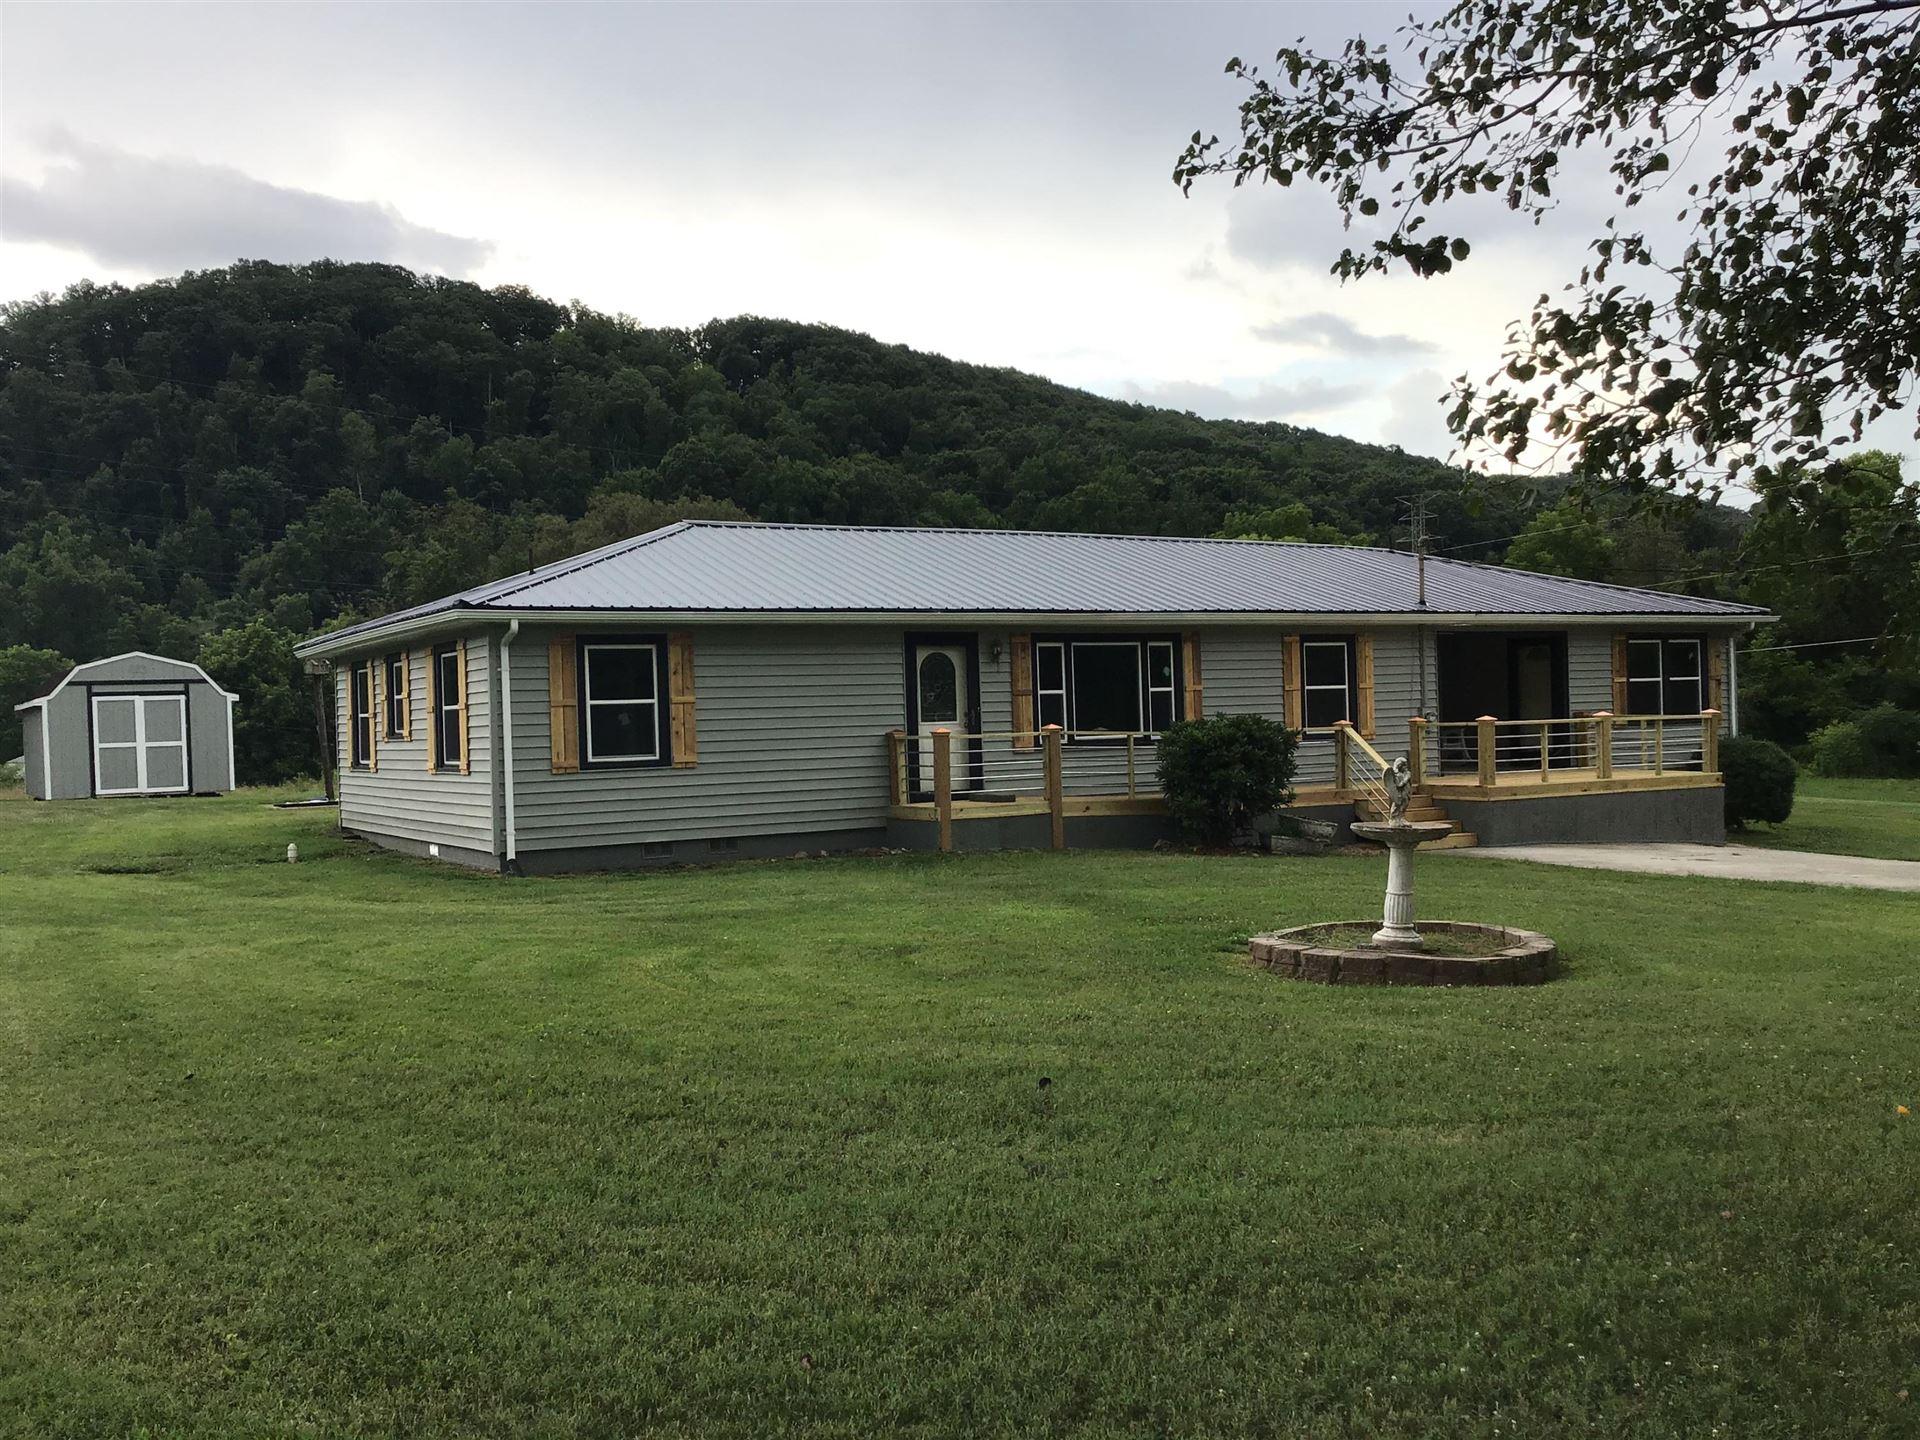 Photo of 7910 Munsey Rd, Corryton, TN 37721 (MLS # 1160717)